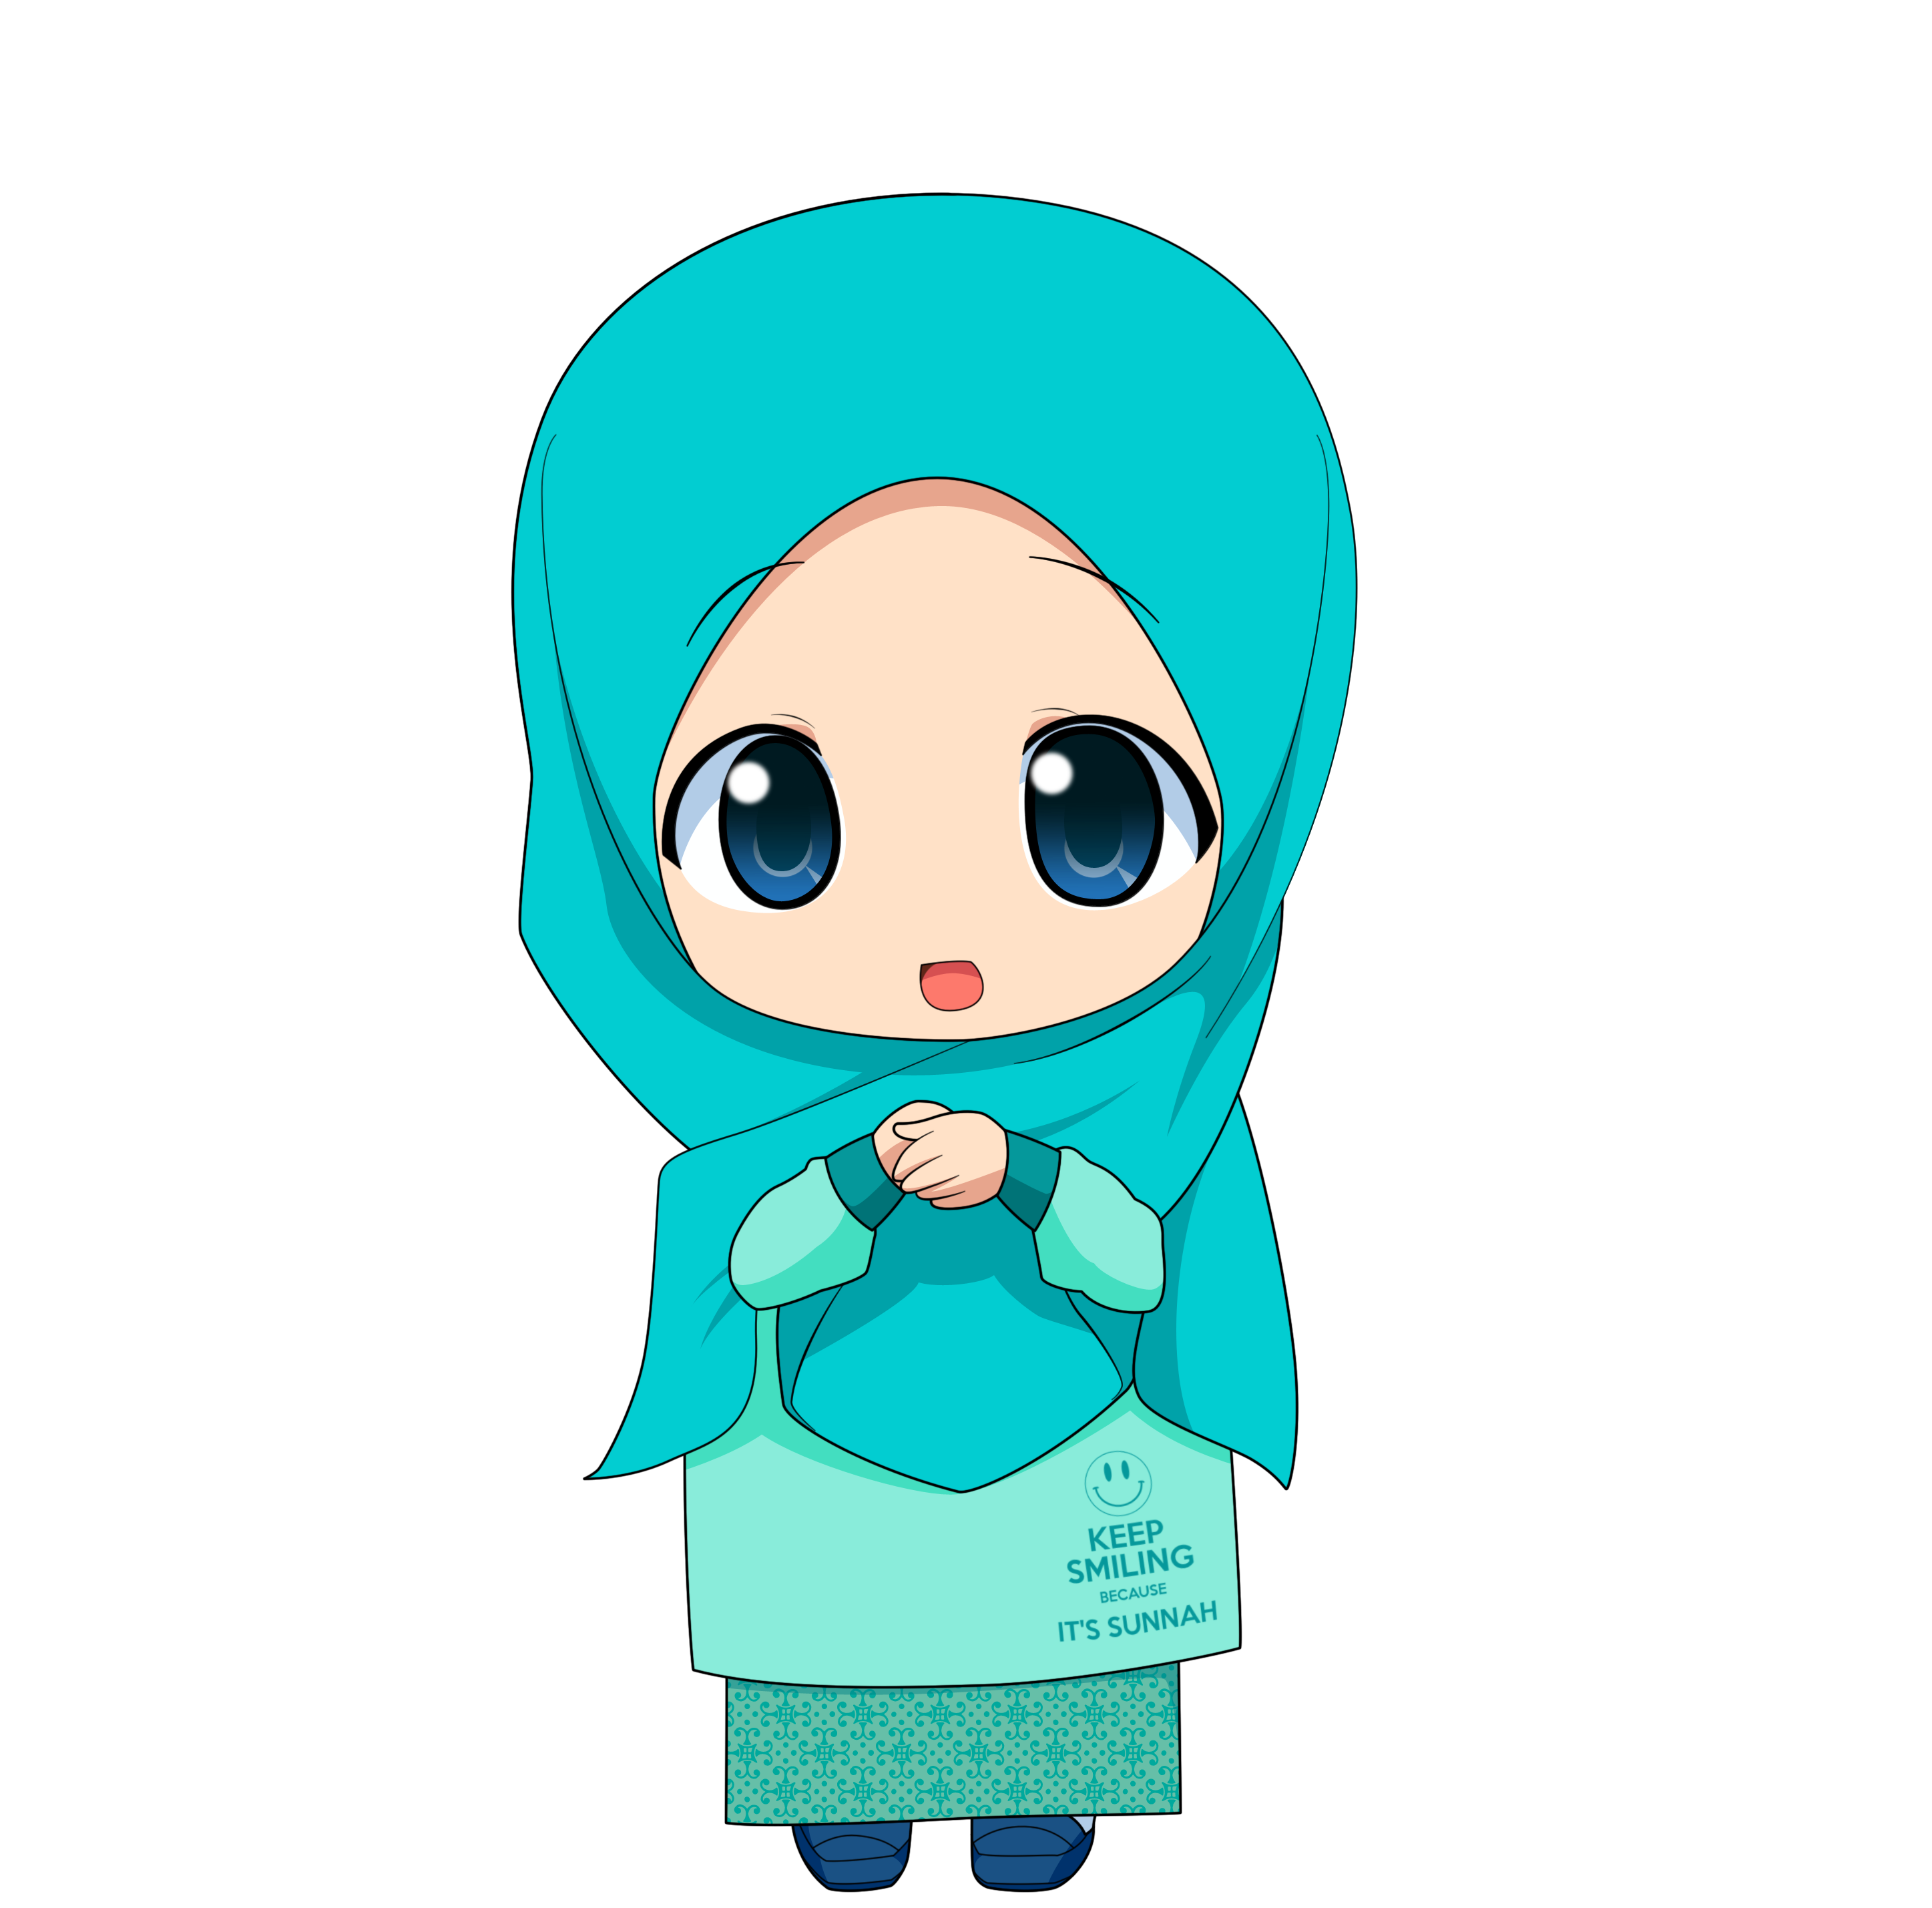 Kartun Chibi Muslimah El Dan Lucu